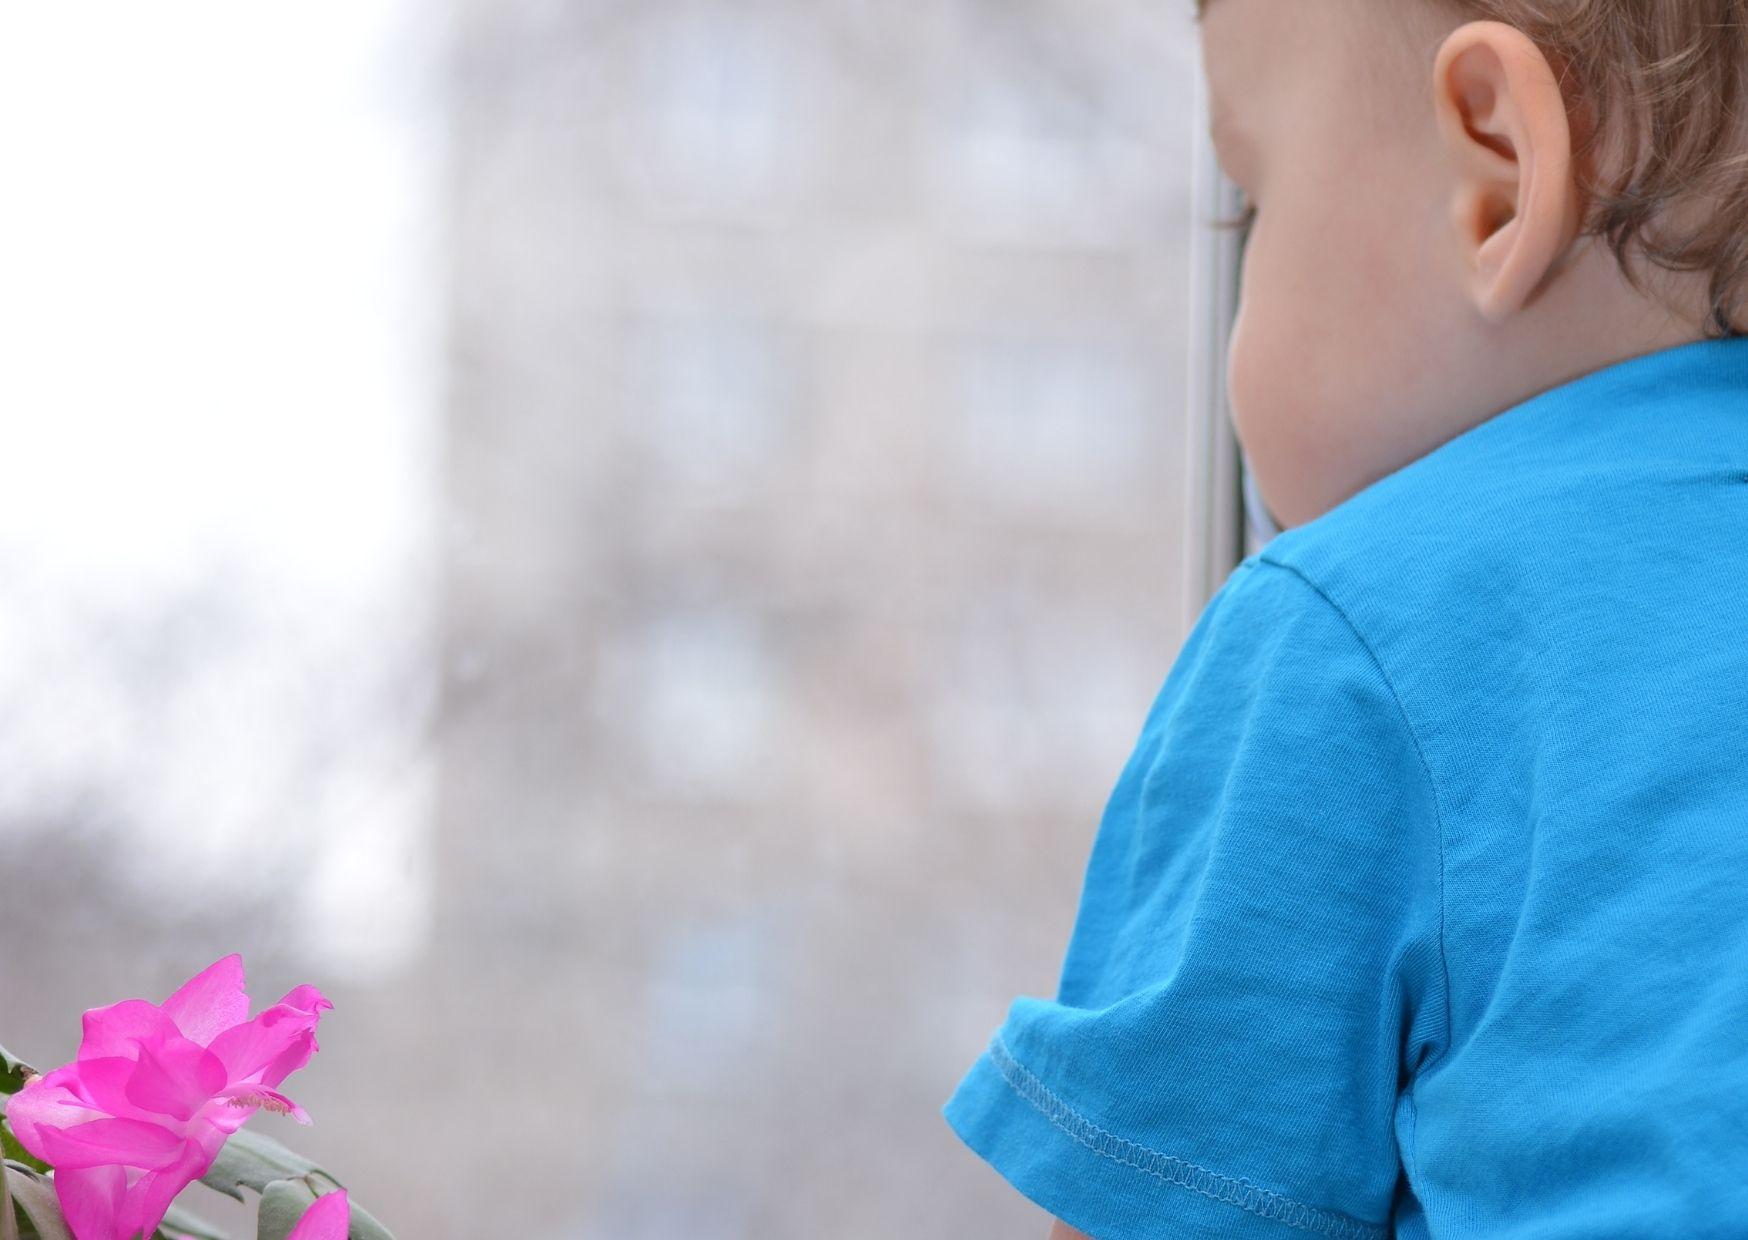 Łódzkie. 11-letni Kuba bohaterem! Uratował życie 4-letniego chłopca - Zdjęcie główne